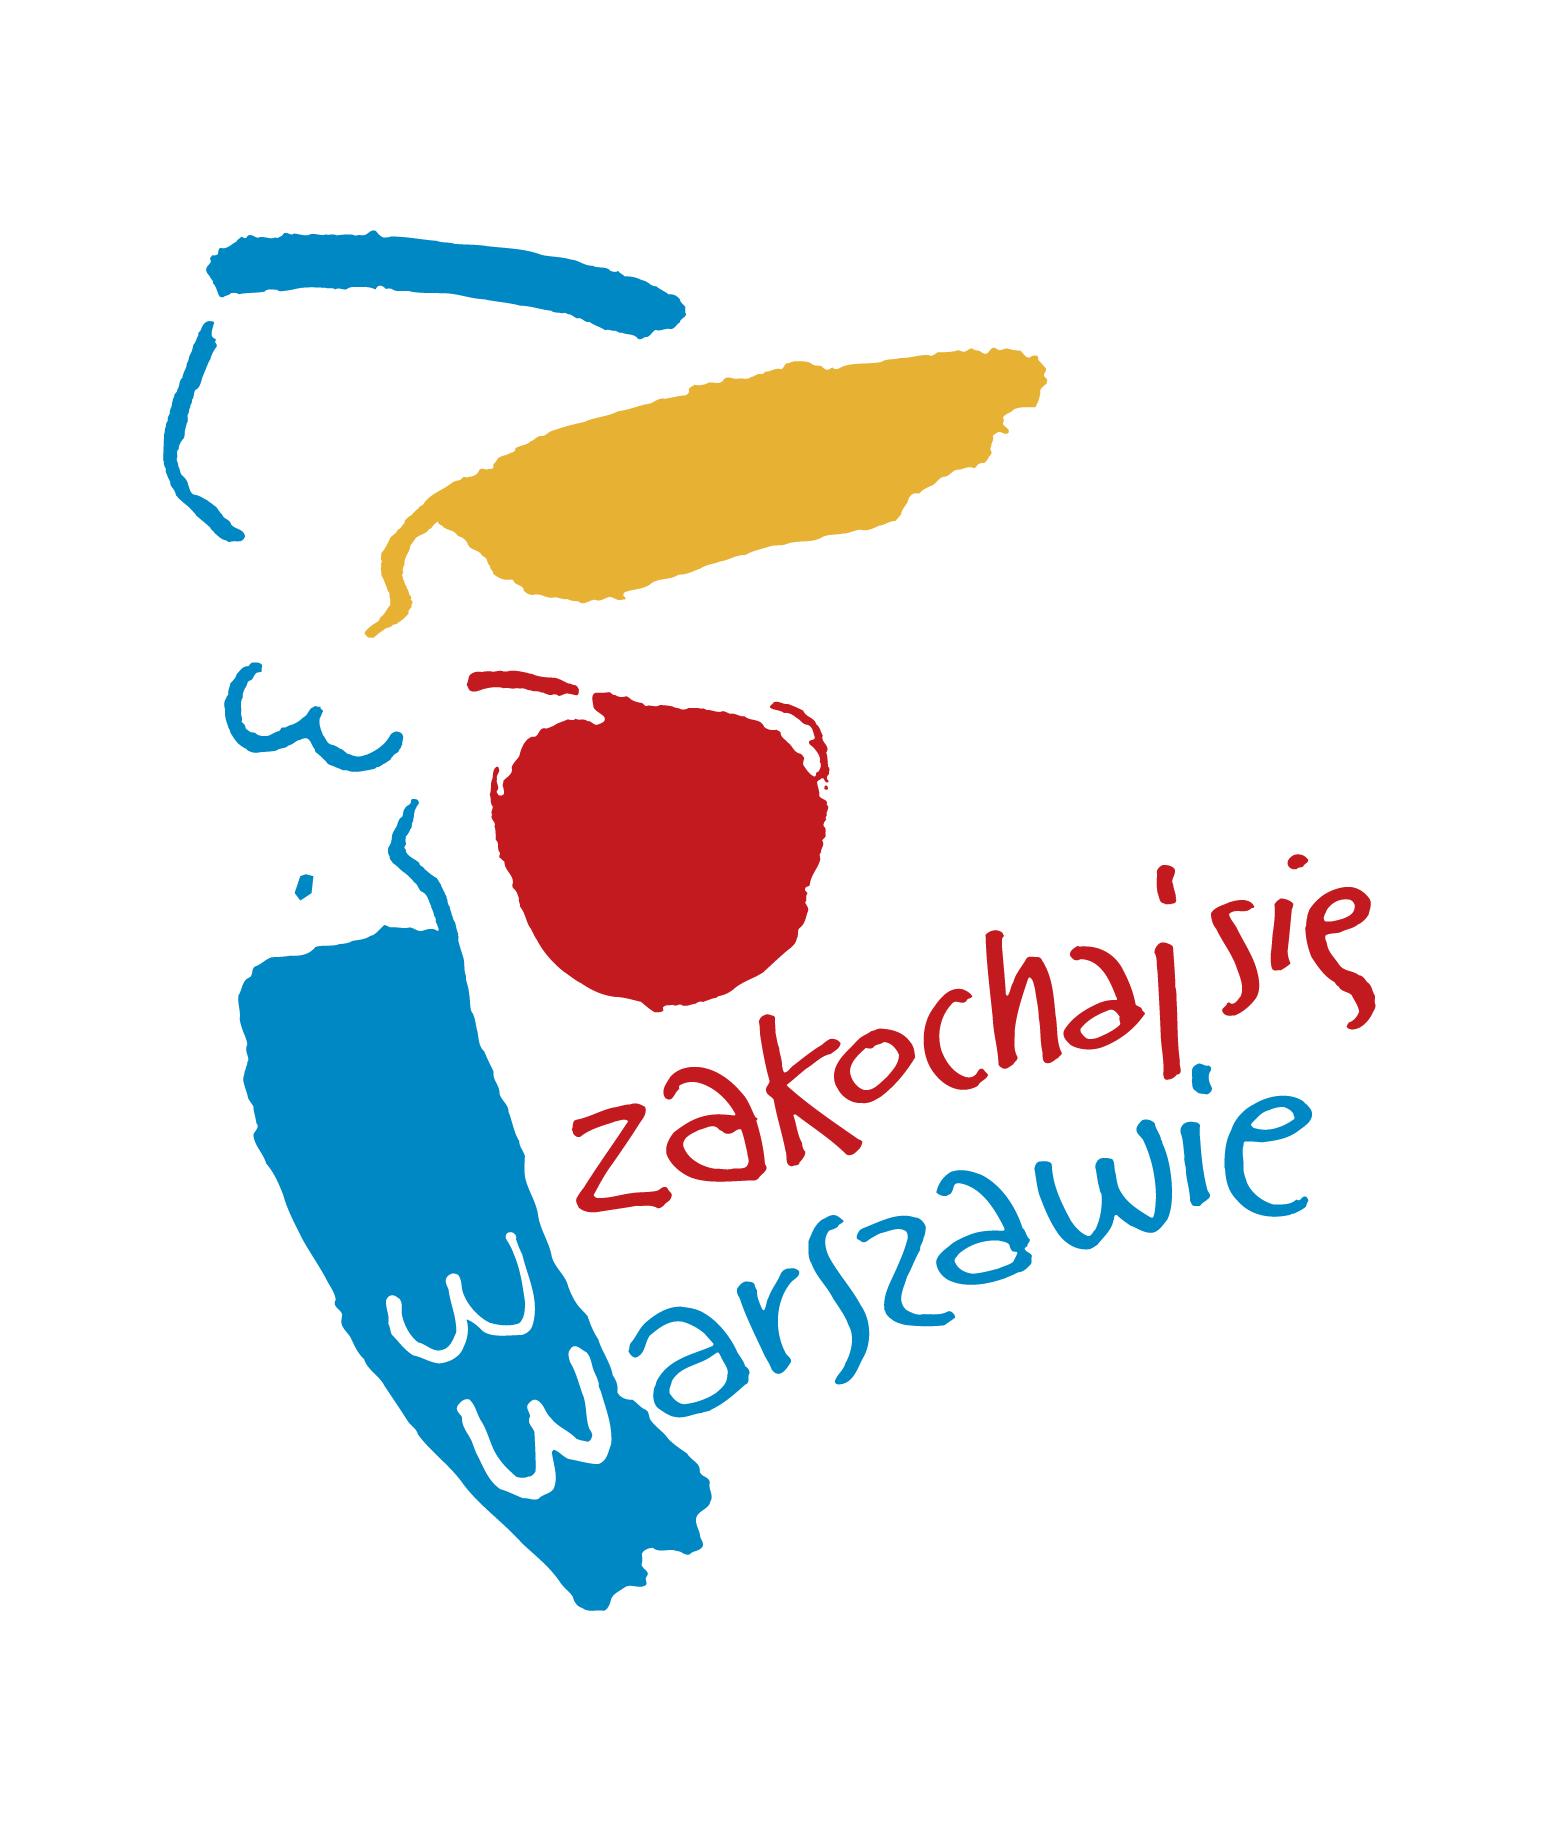 Publikacja finansowana przez m.st. Warszawę